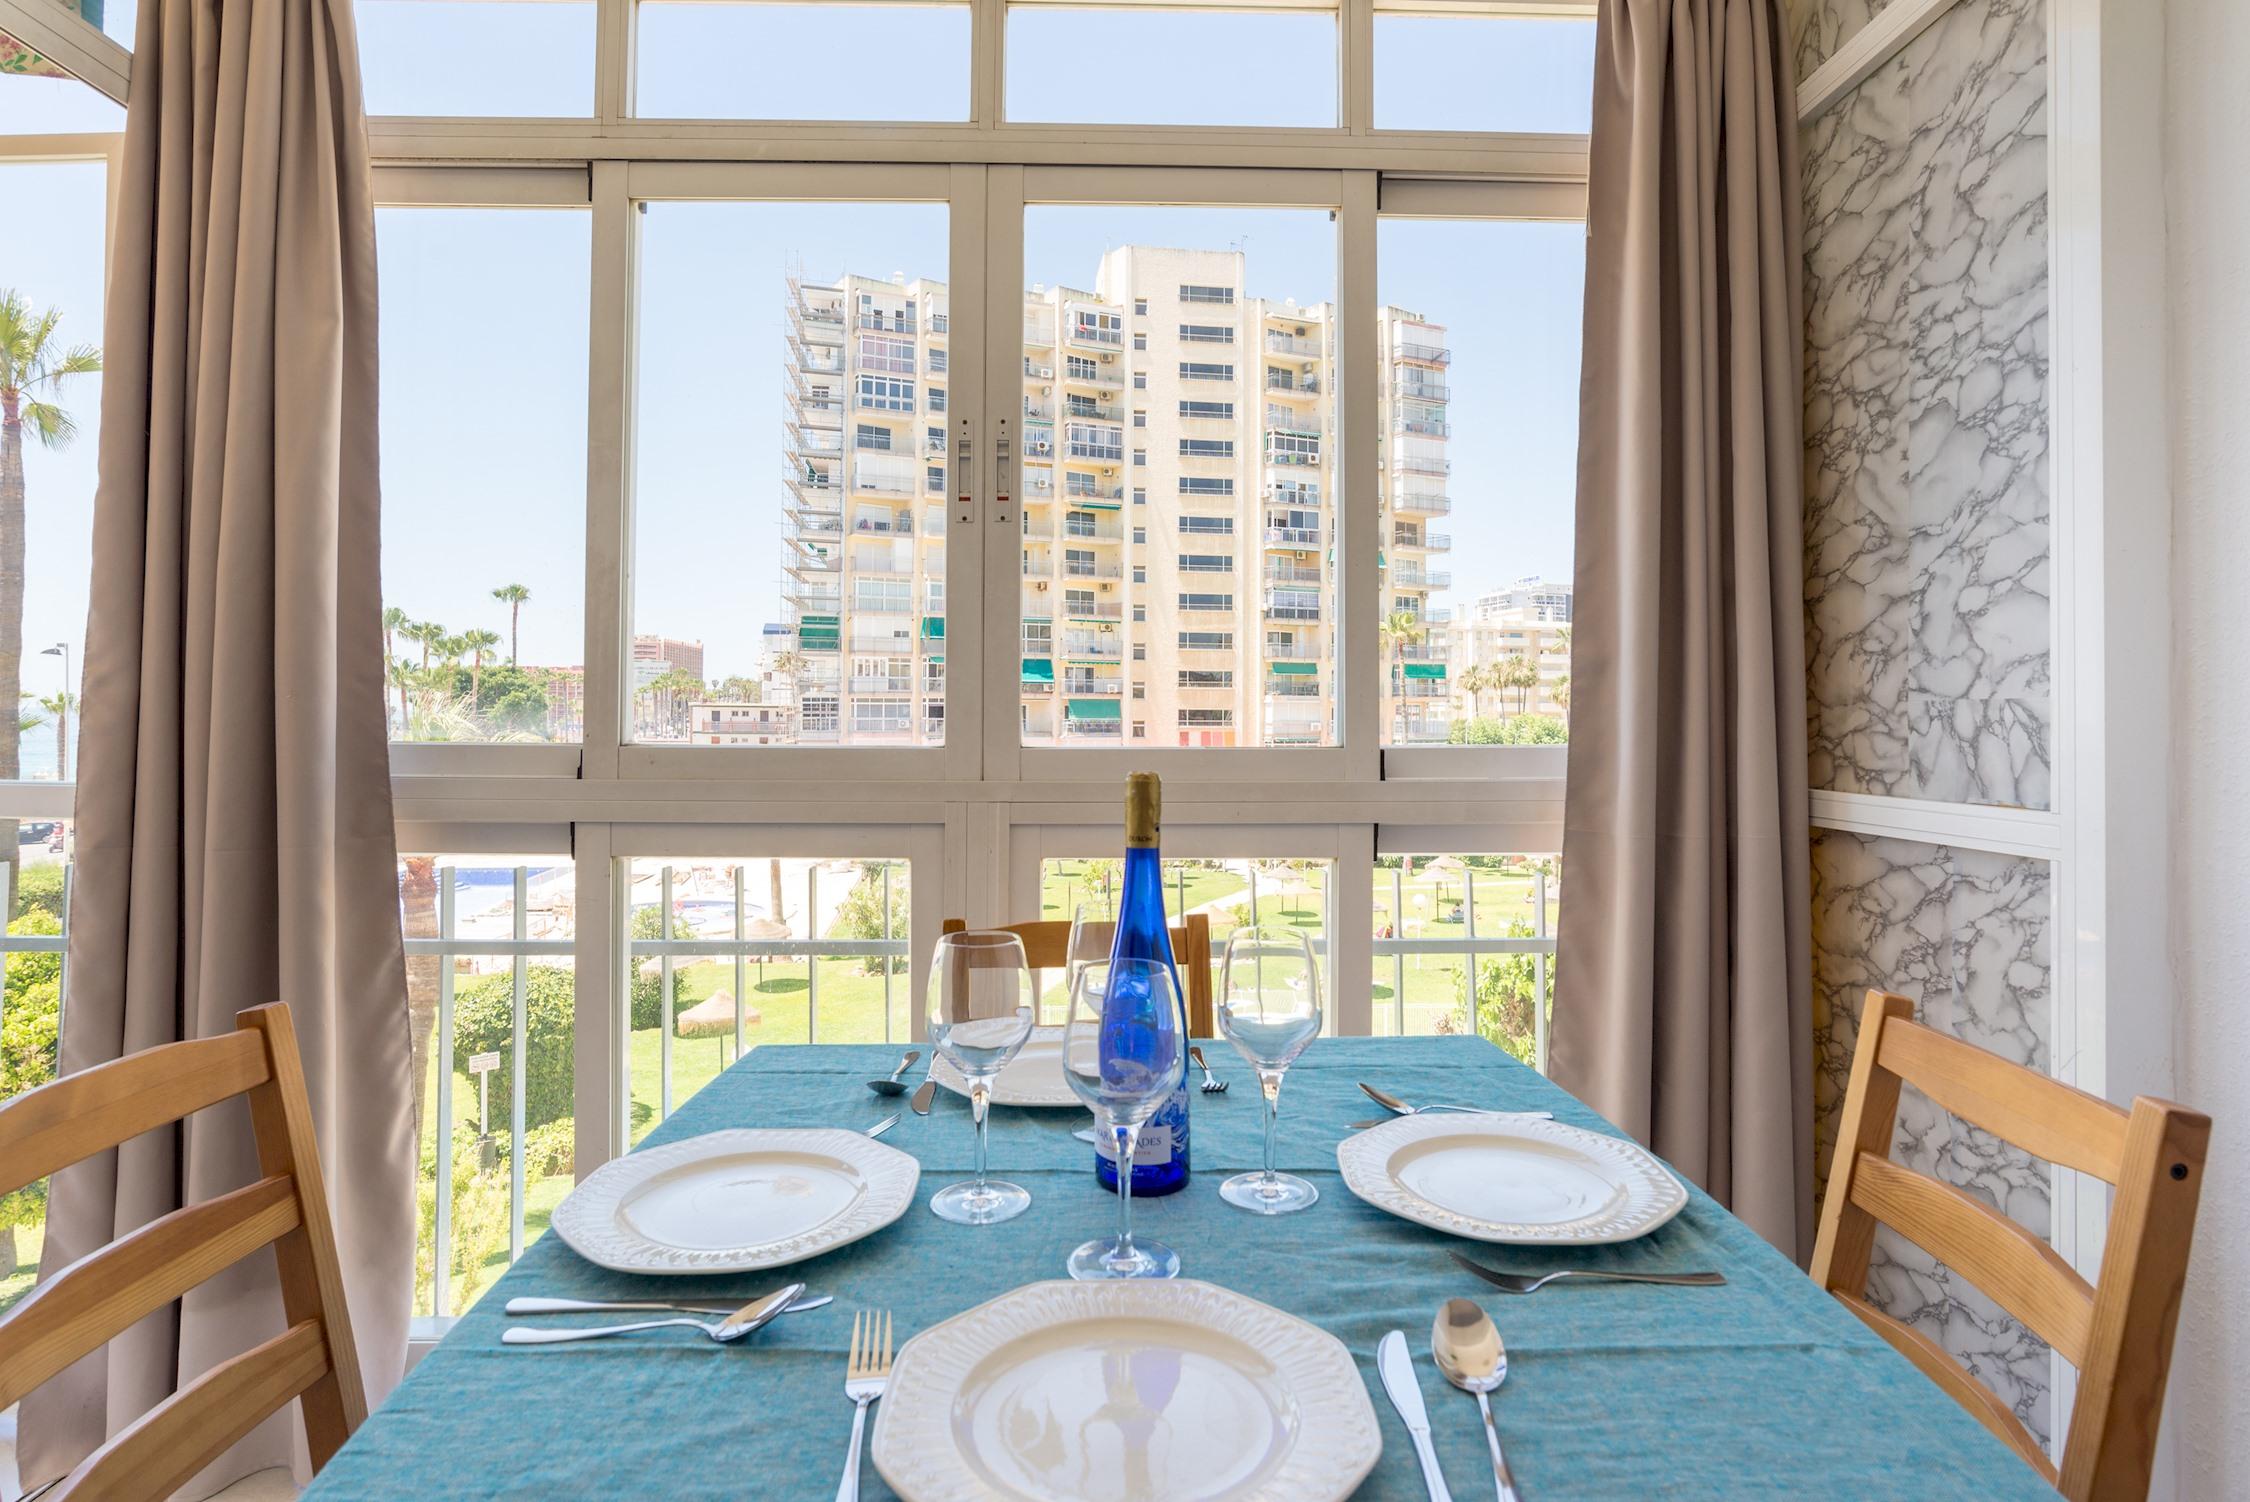 Apartment MalagaSuite Benalmadena Beach photo 19522741